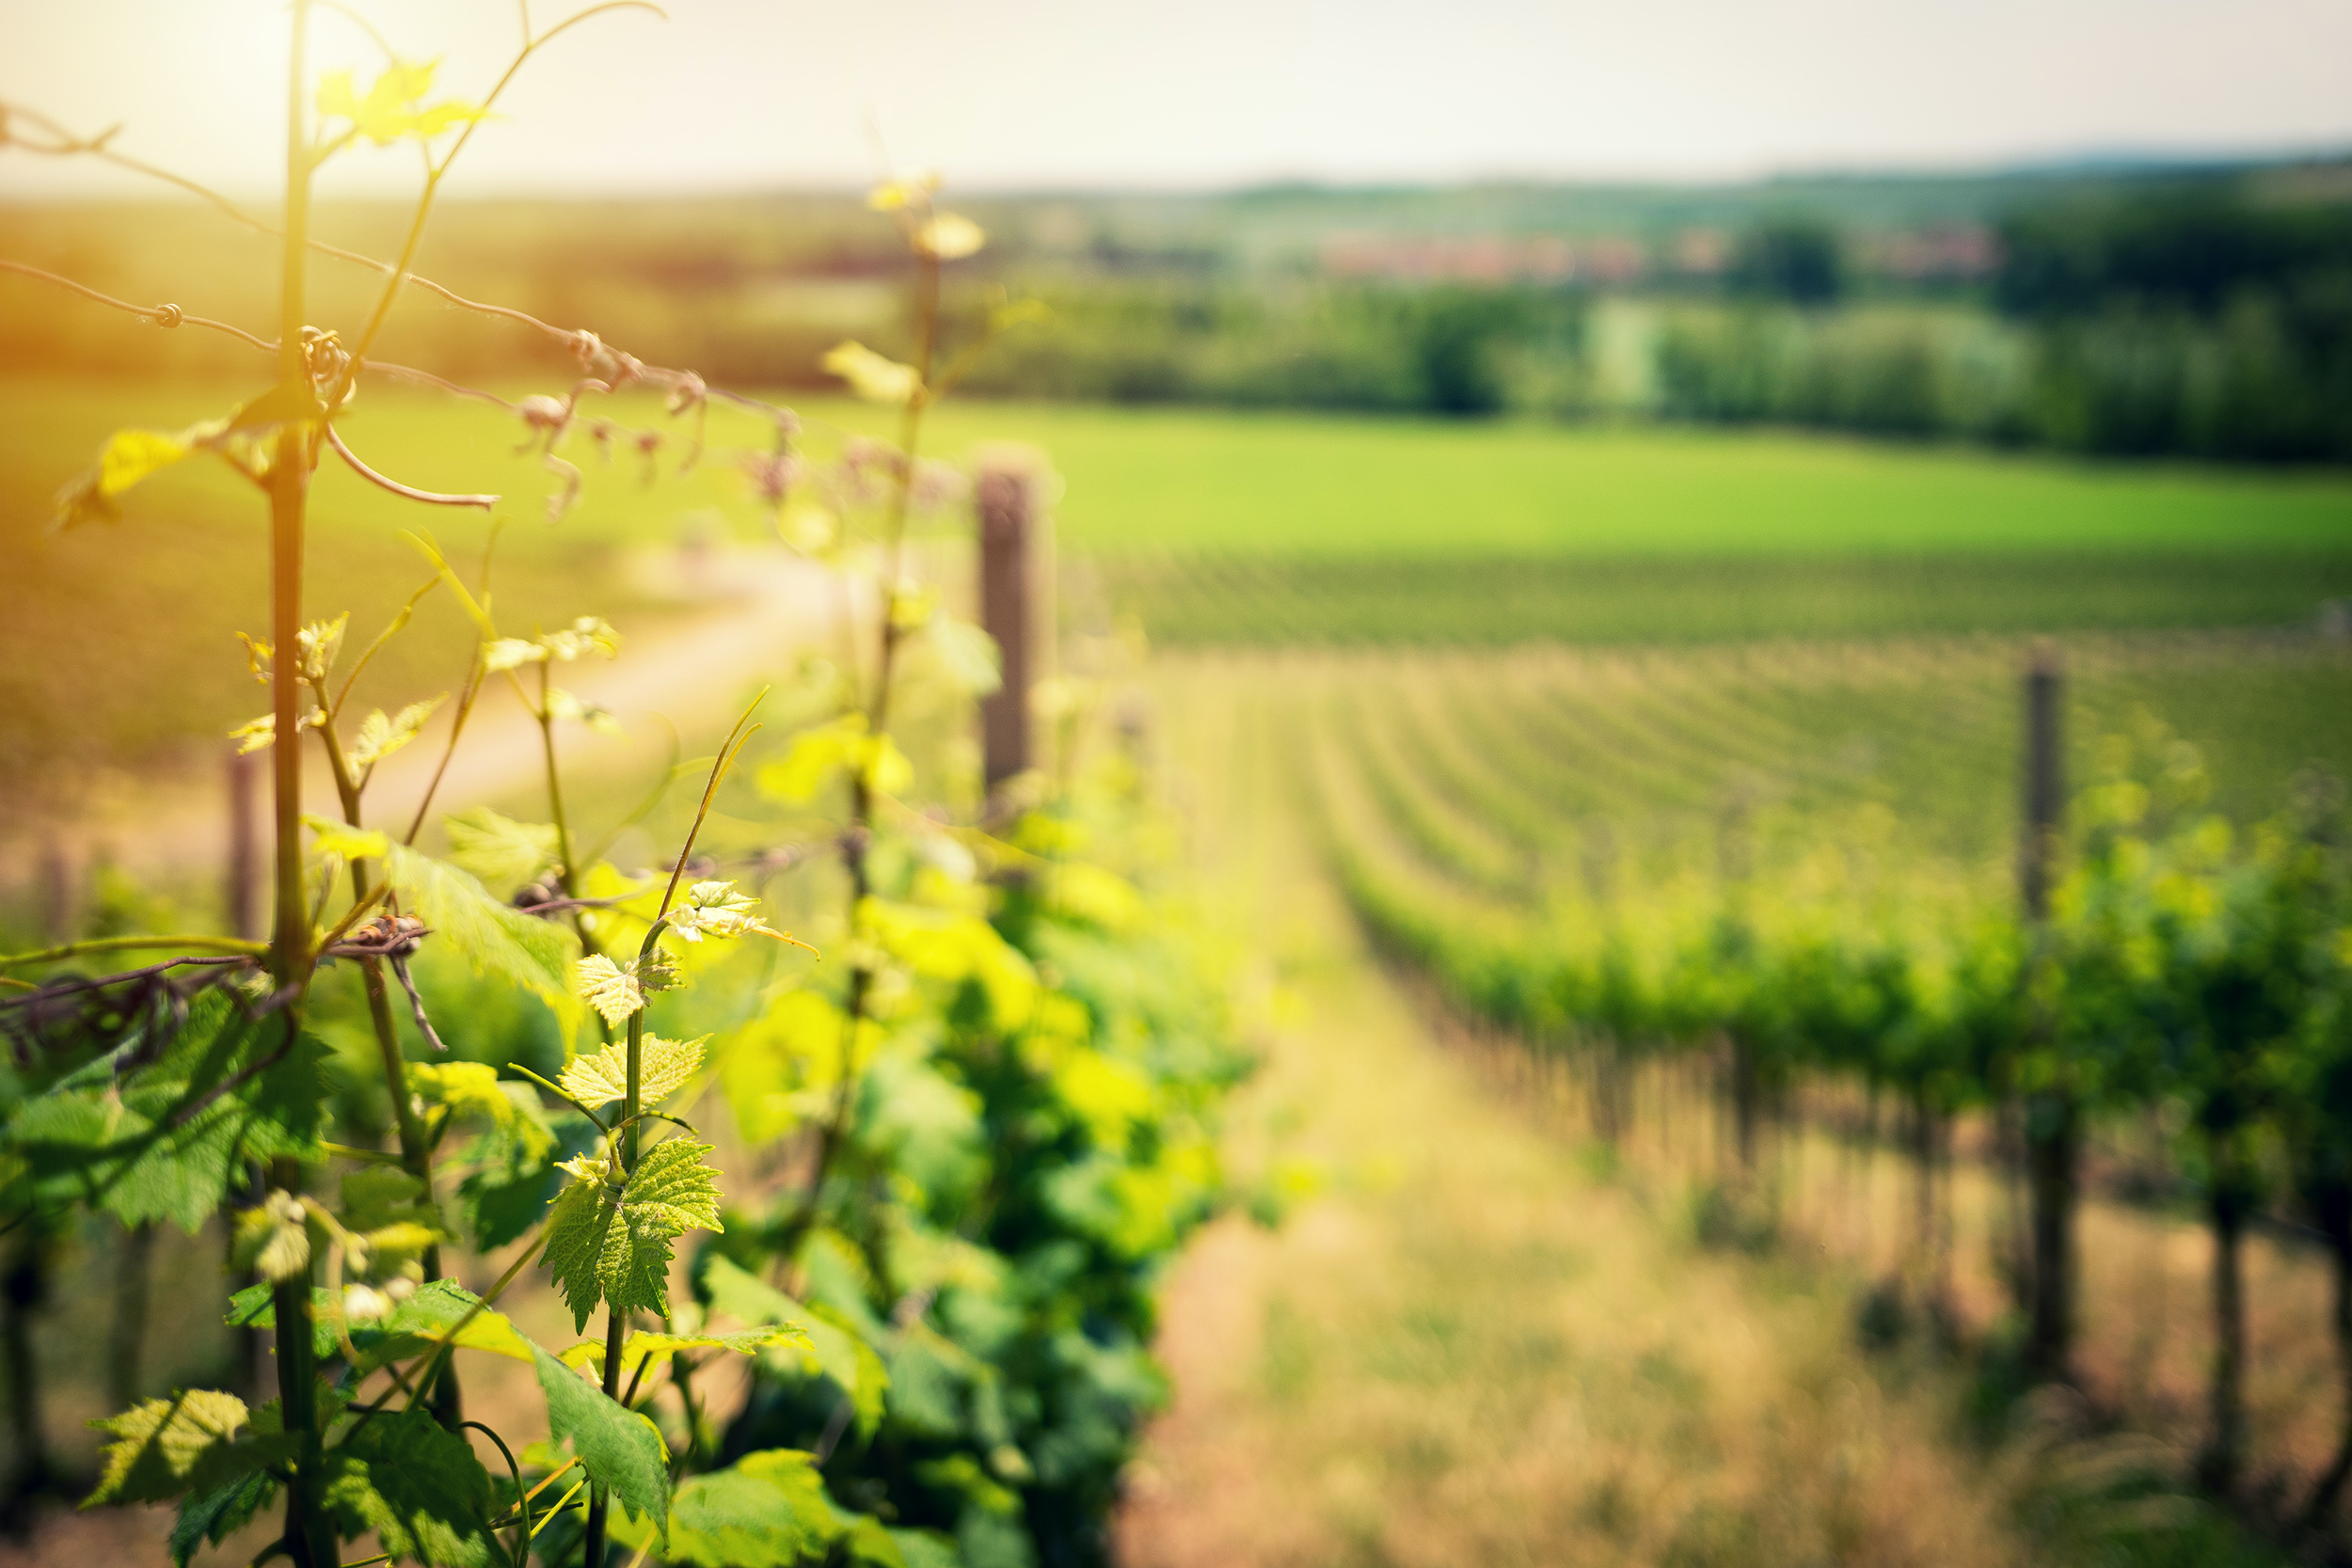 vignes du chateau de viviers - chablis - winery, green fields of vines